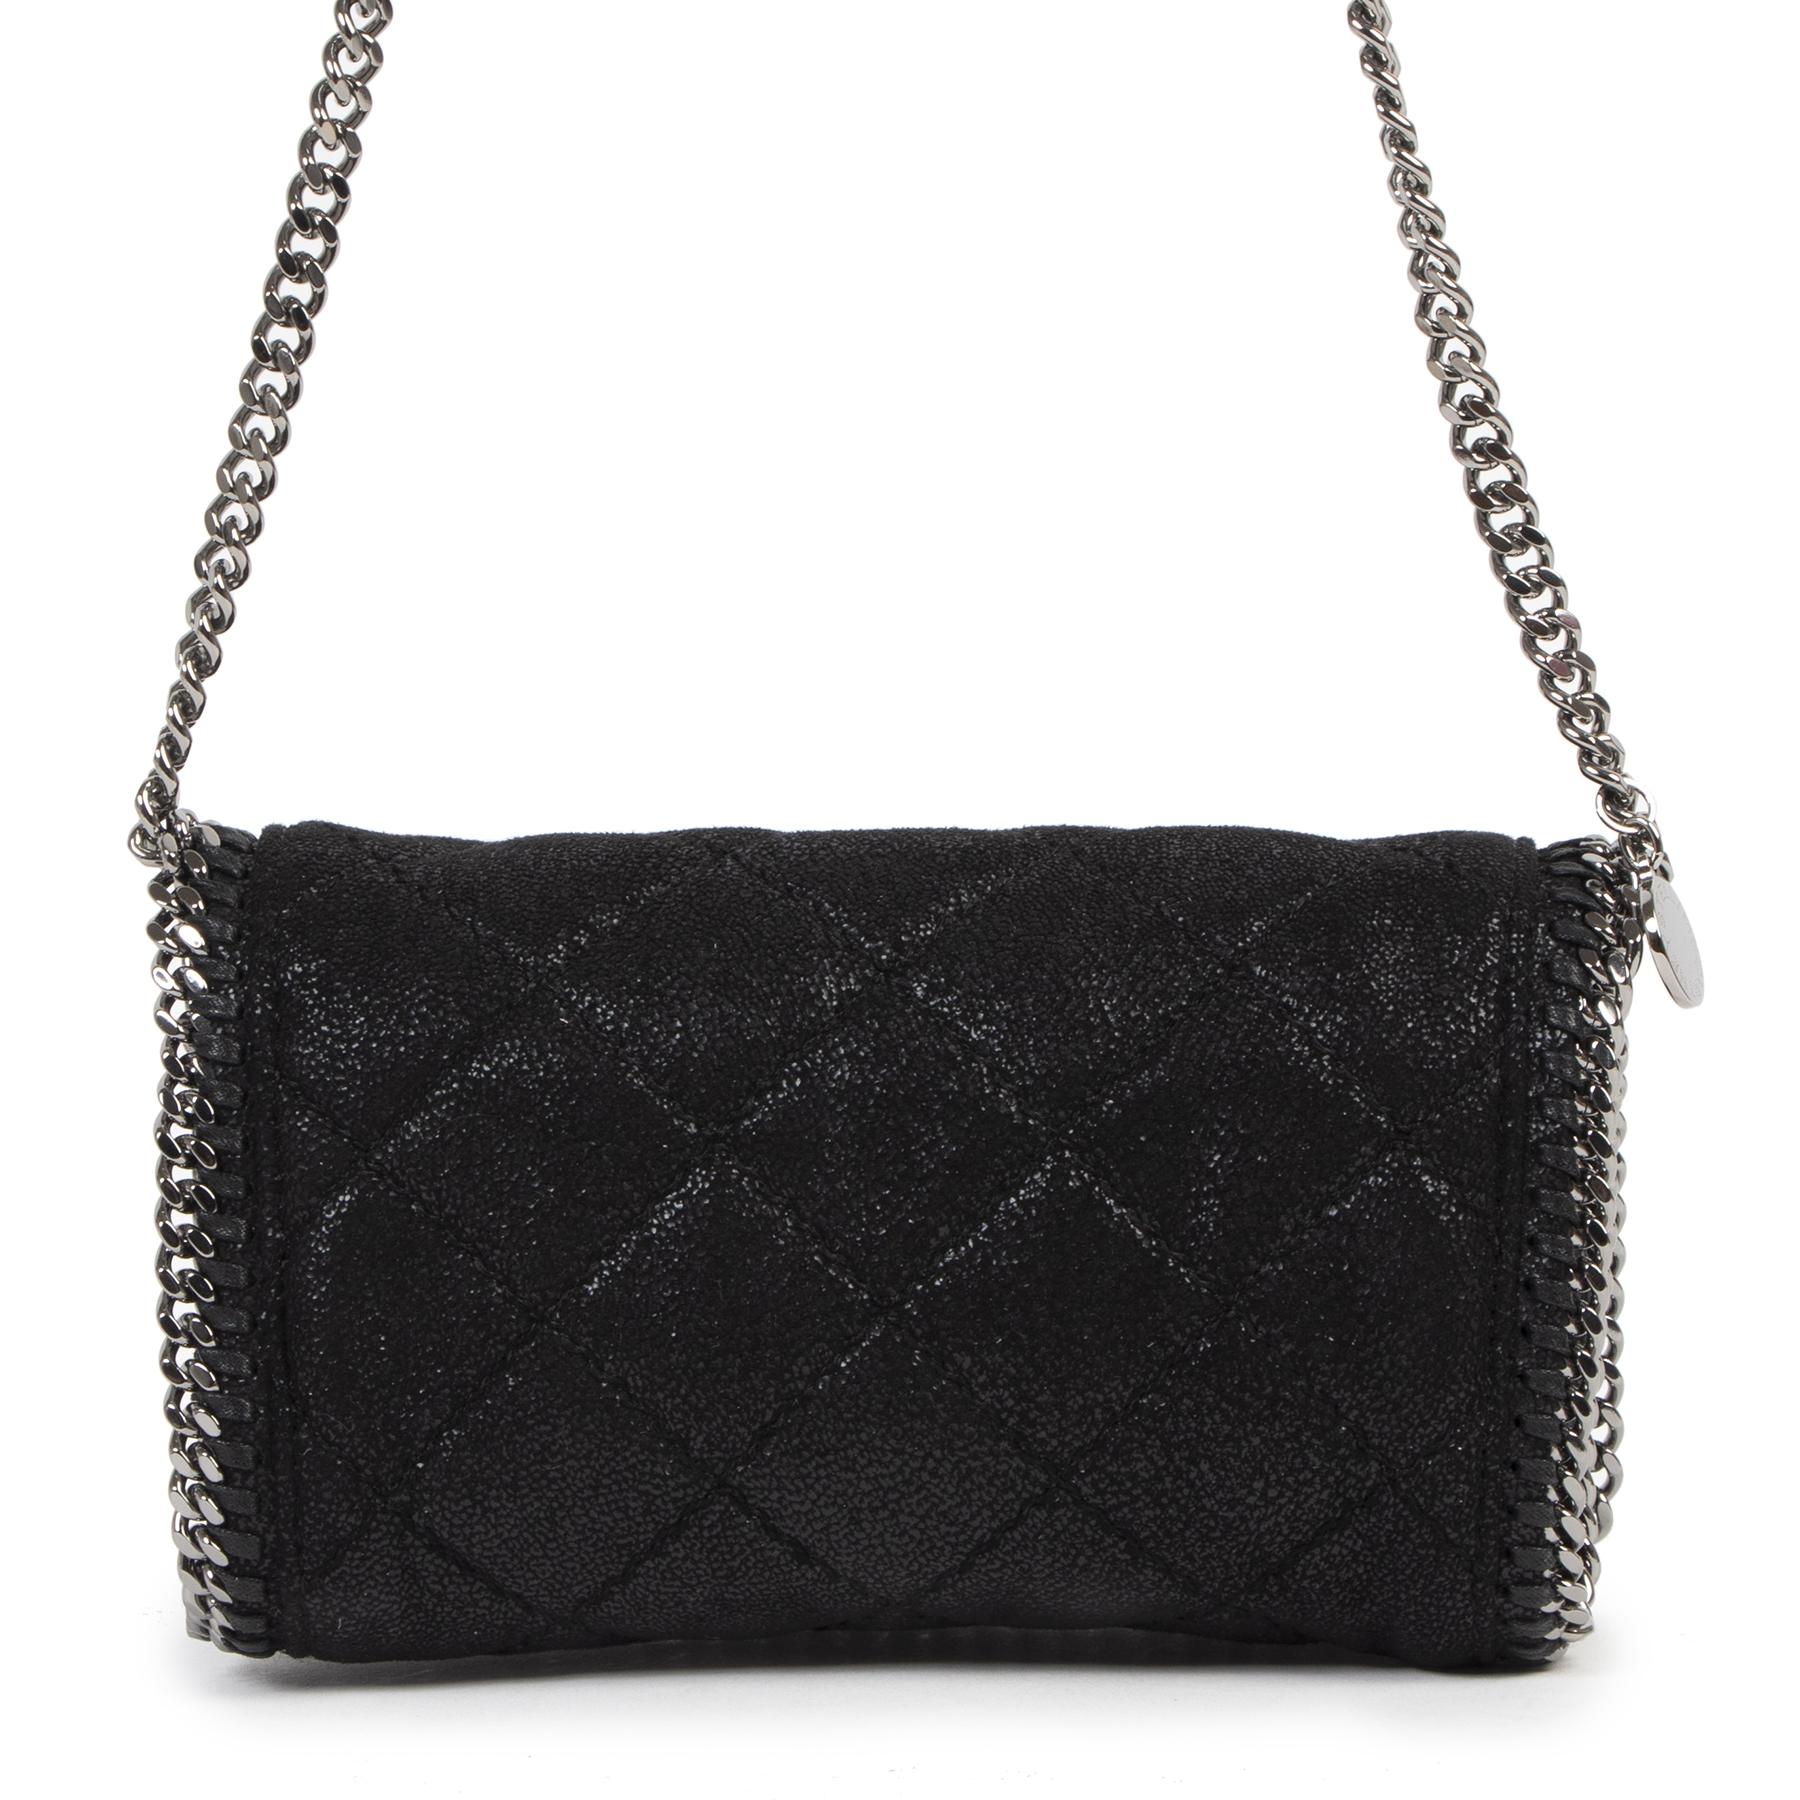 Authentieke Tweedehands Stella McCartney Quilted Falabella Crossbody Bag juiste prijs veilig online shoppen luxe merken webshop winkelen Antwerpen België mode fashion